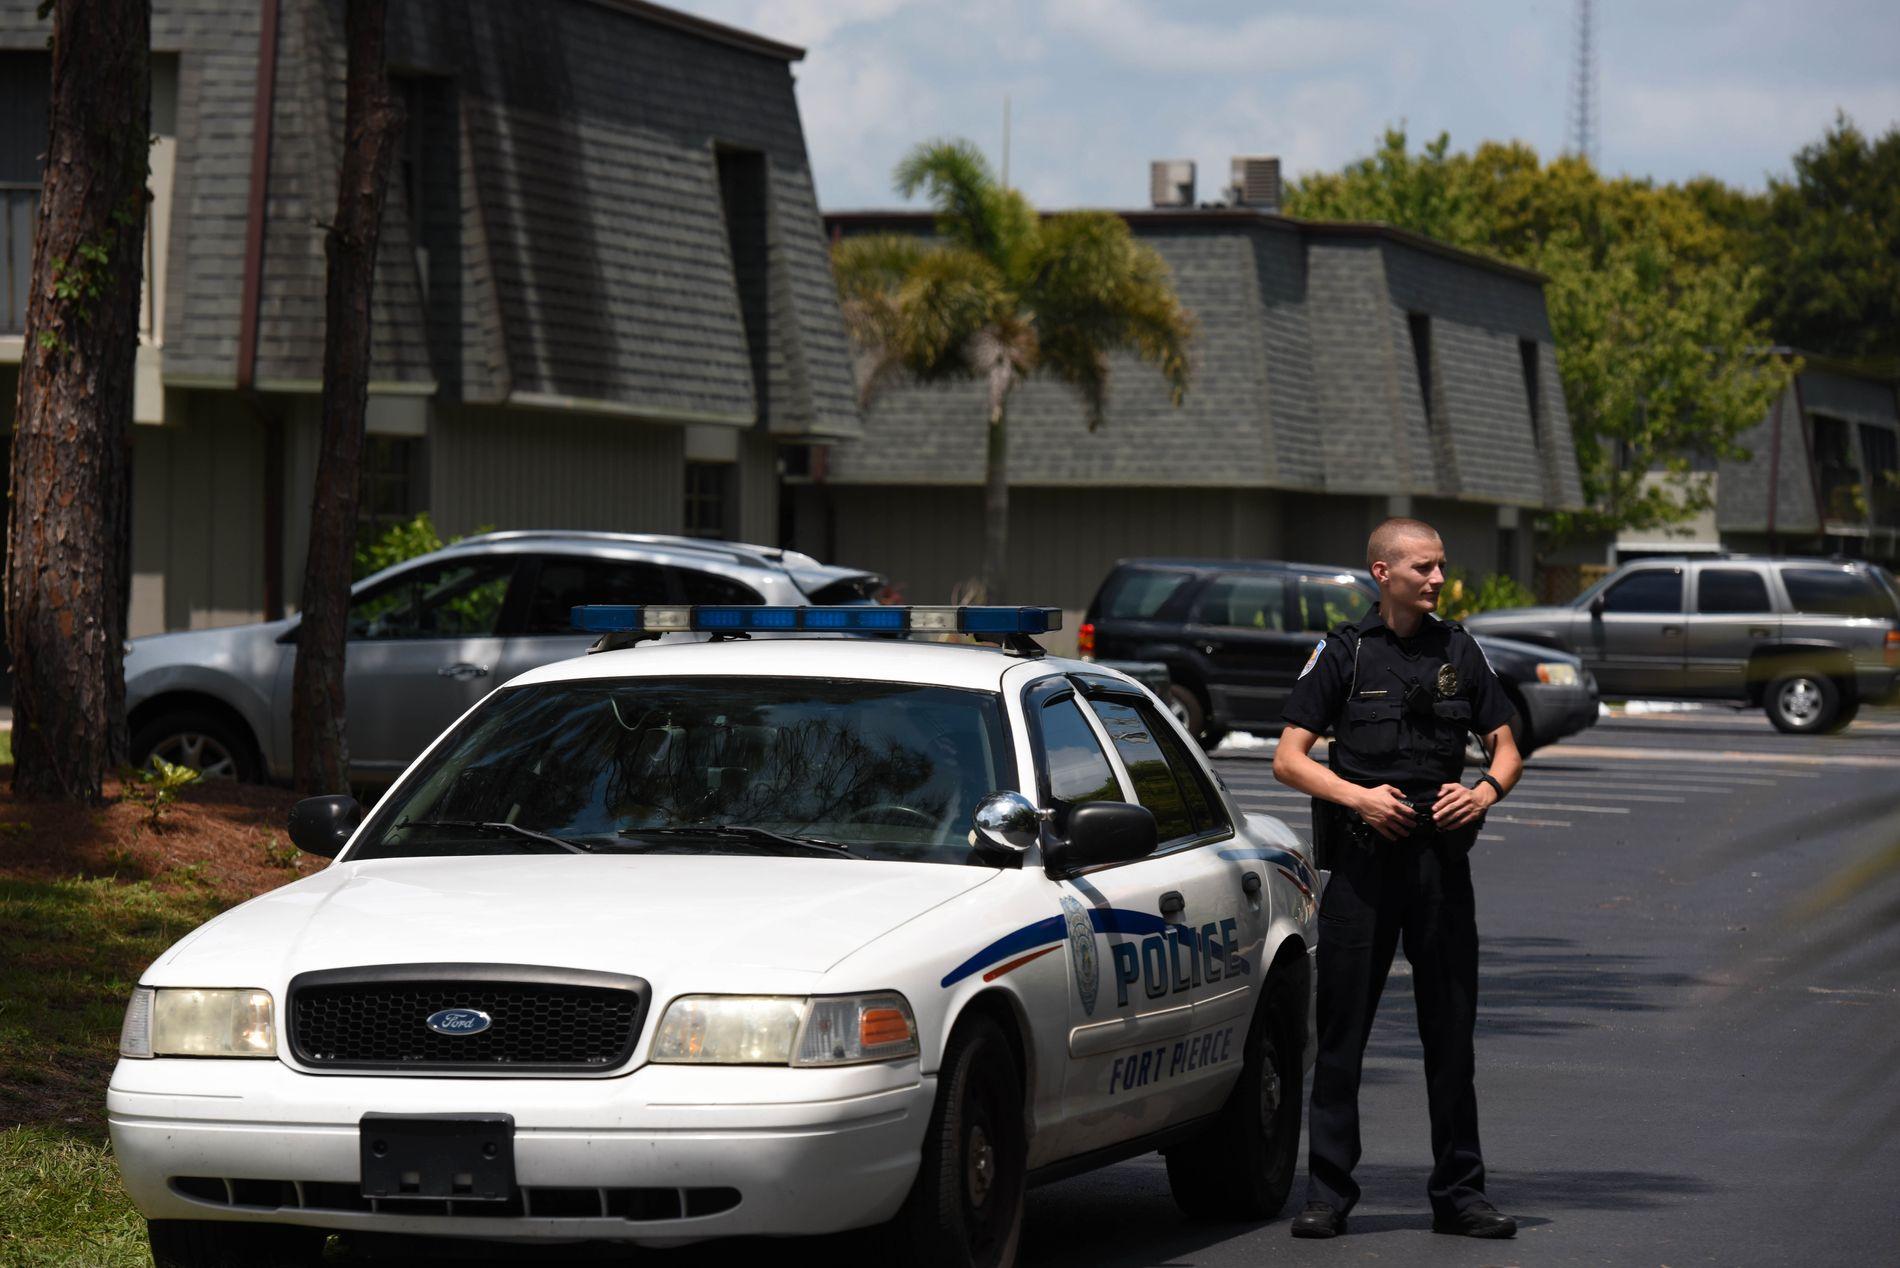 ETTERFORSKER: En politimann står utenfor leiligheteskomplekset Woodland i Fort Pierce i Orlando. De siste dagene har politi og sikkerhetsselskaper voktet området.